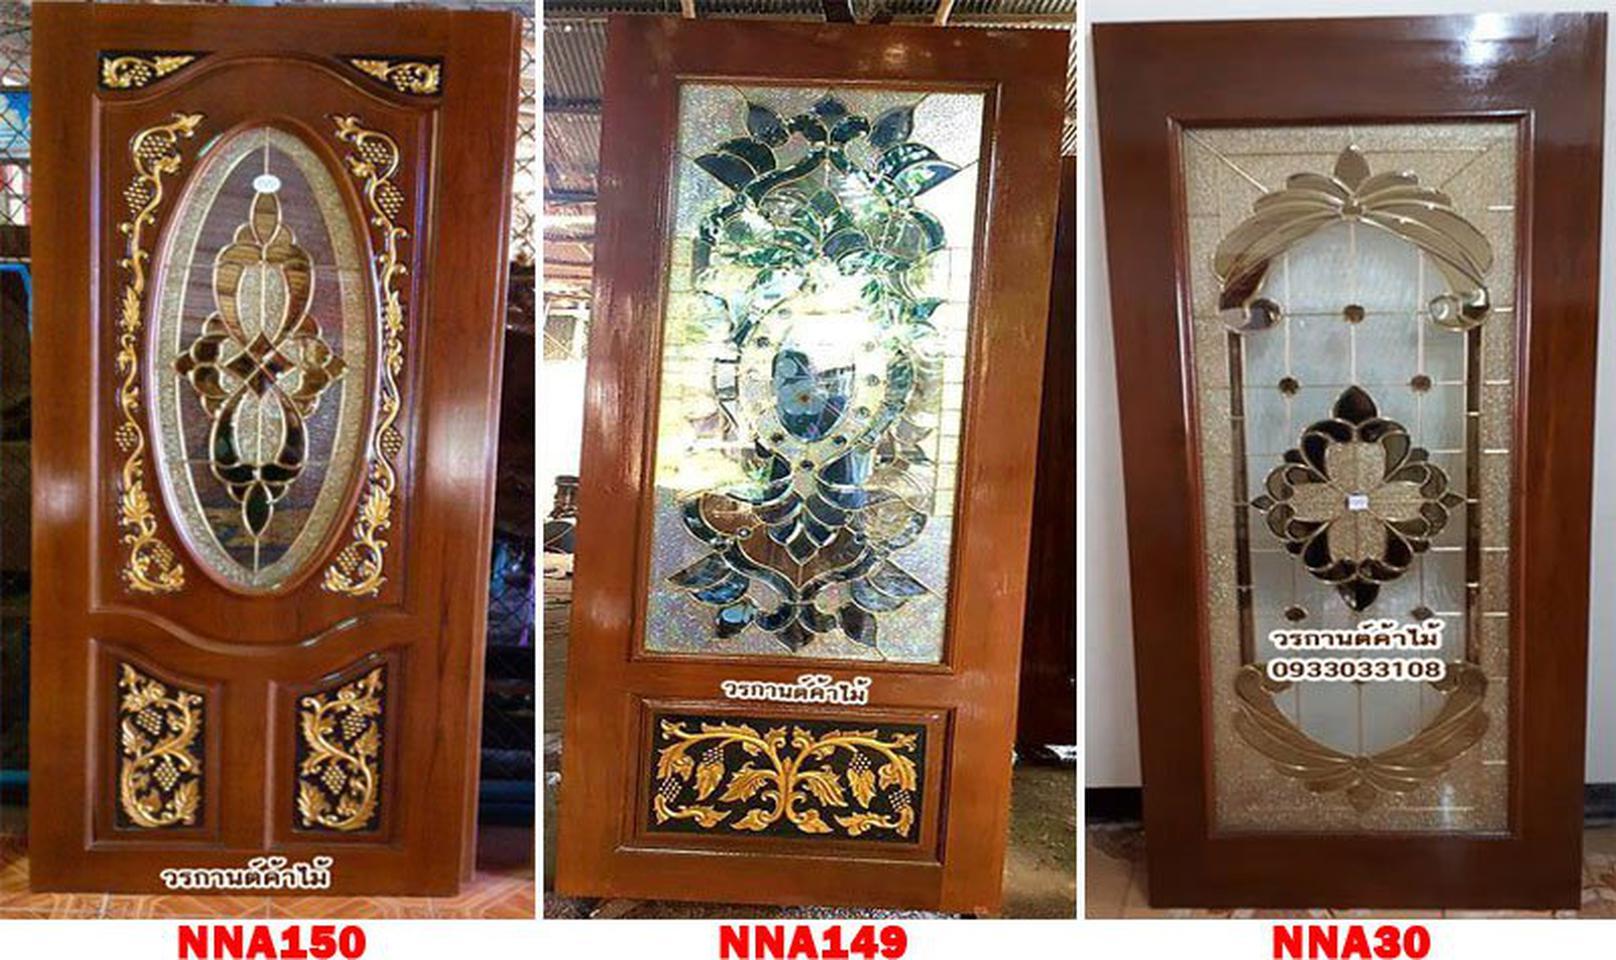 ประตูไม้สัก ประตูไม้สัก กระจกนิรภัย ร้านวรกานต์ค้าไม้ door-woodhome.com รูปที่ 4